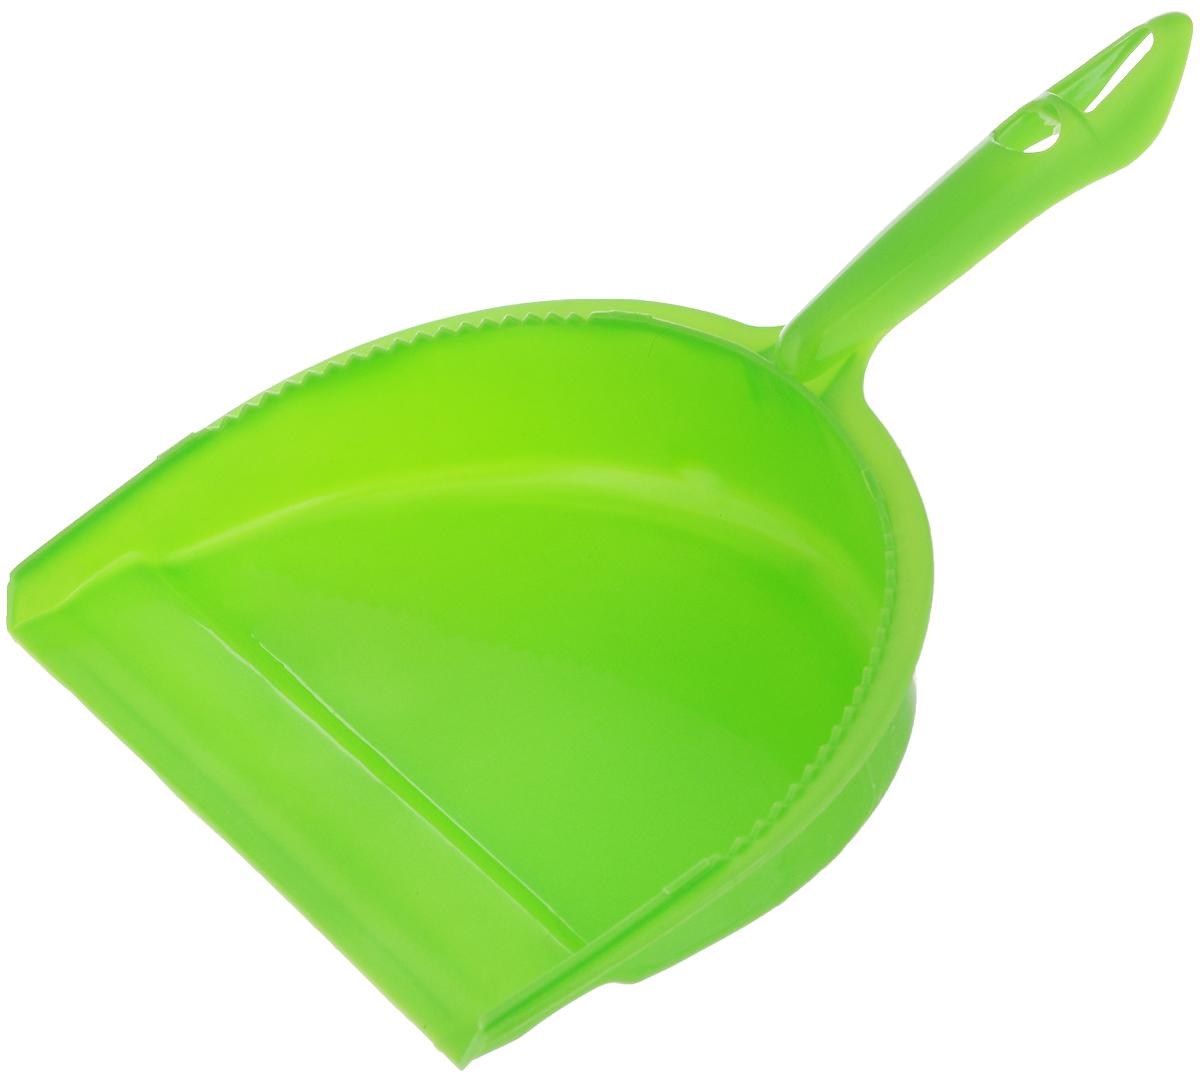 Совок для мусора Фэйт Джокер, цвет: зеленыйK100Совок Фэйт Джокер предназначен для сбора мусора и пыли при уборке помещений. Он выполнен из прочного пластика и имеет удобную эргономическую ручку.Длина совка: 28,5 см.Ширина совка: 21 см.